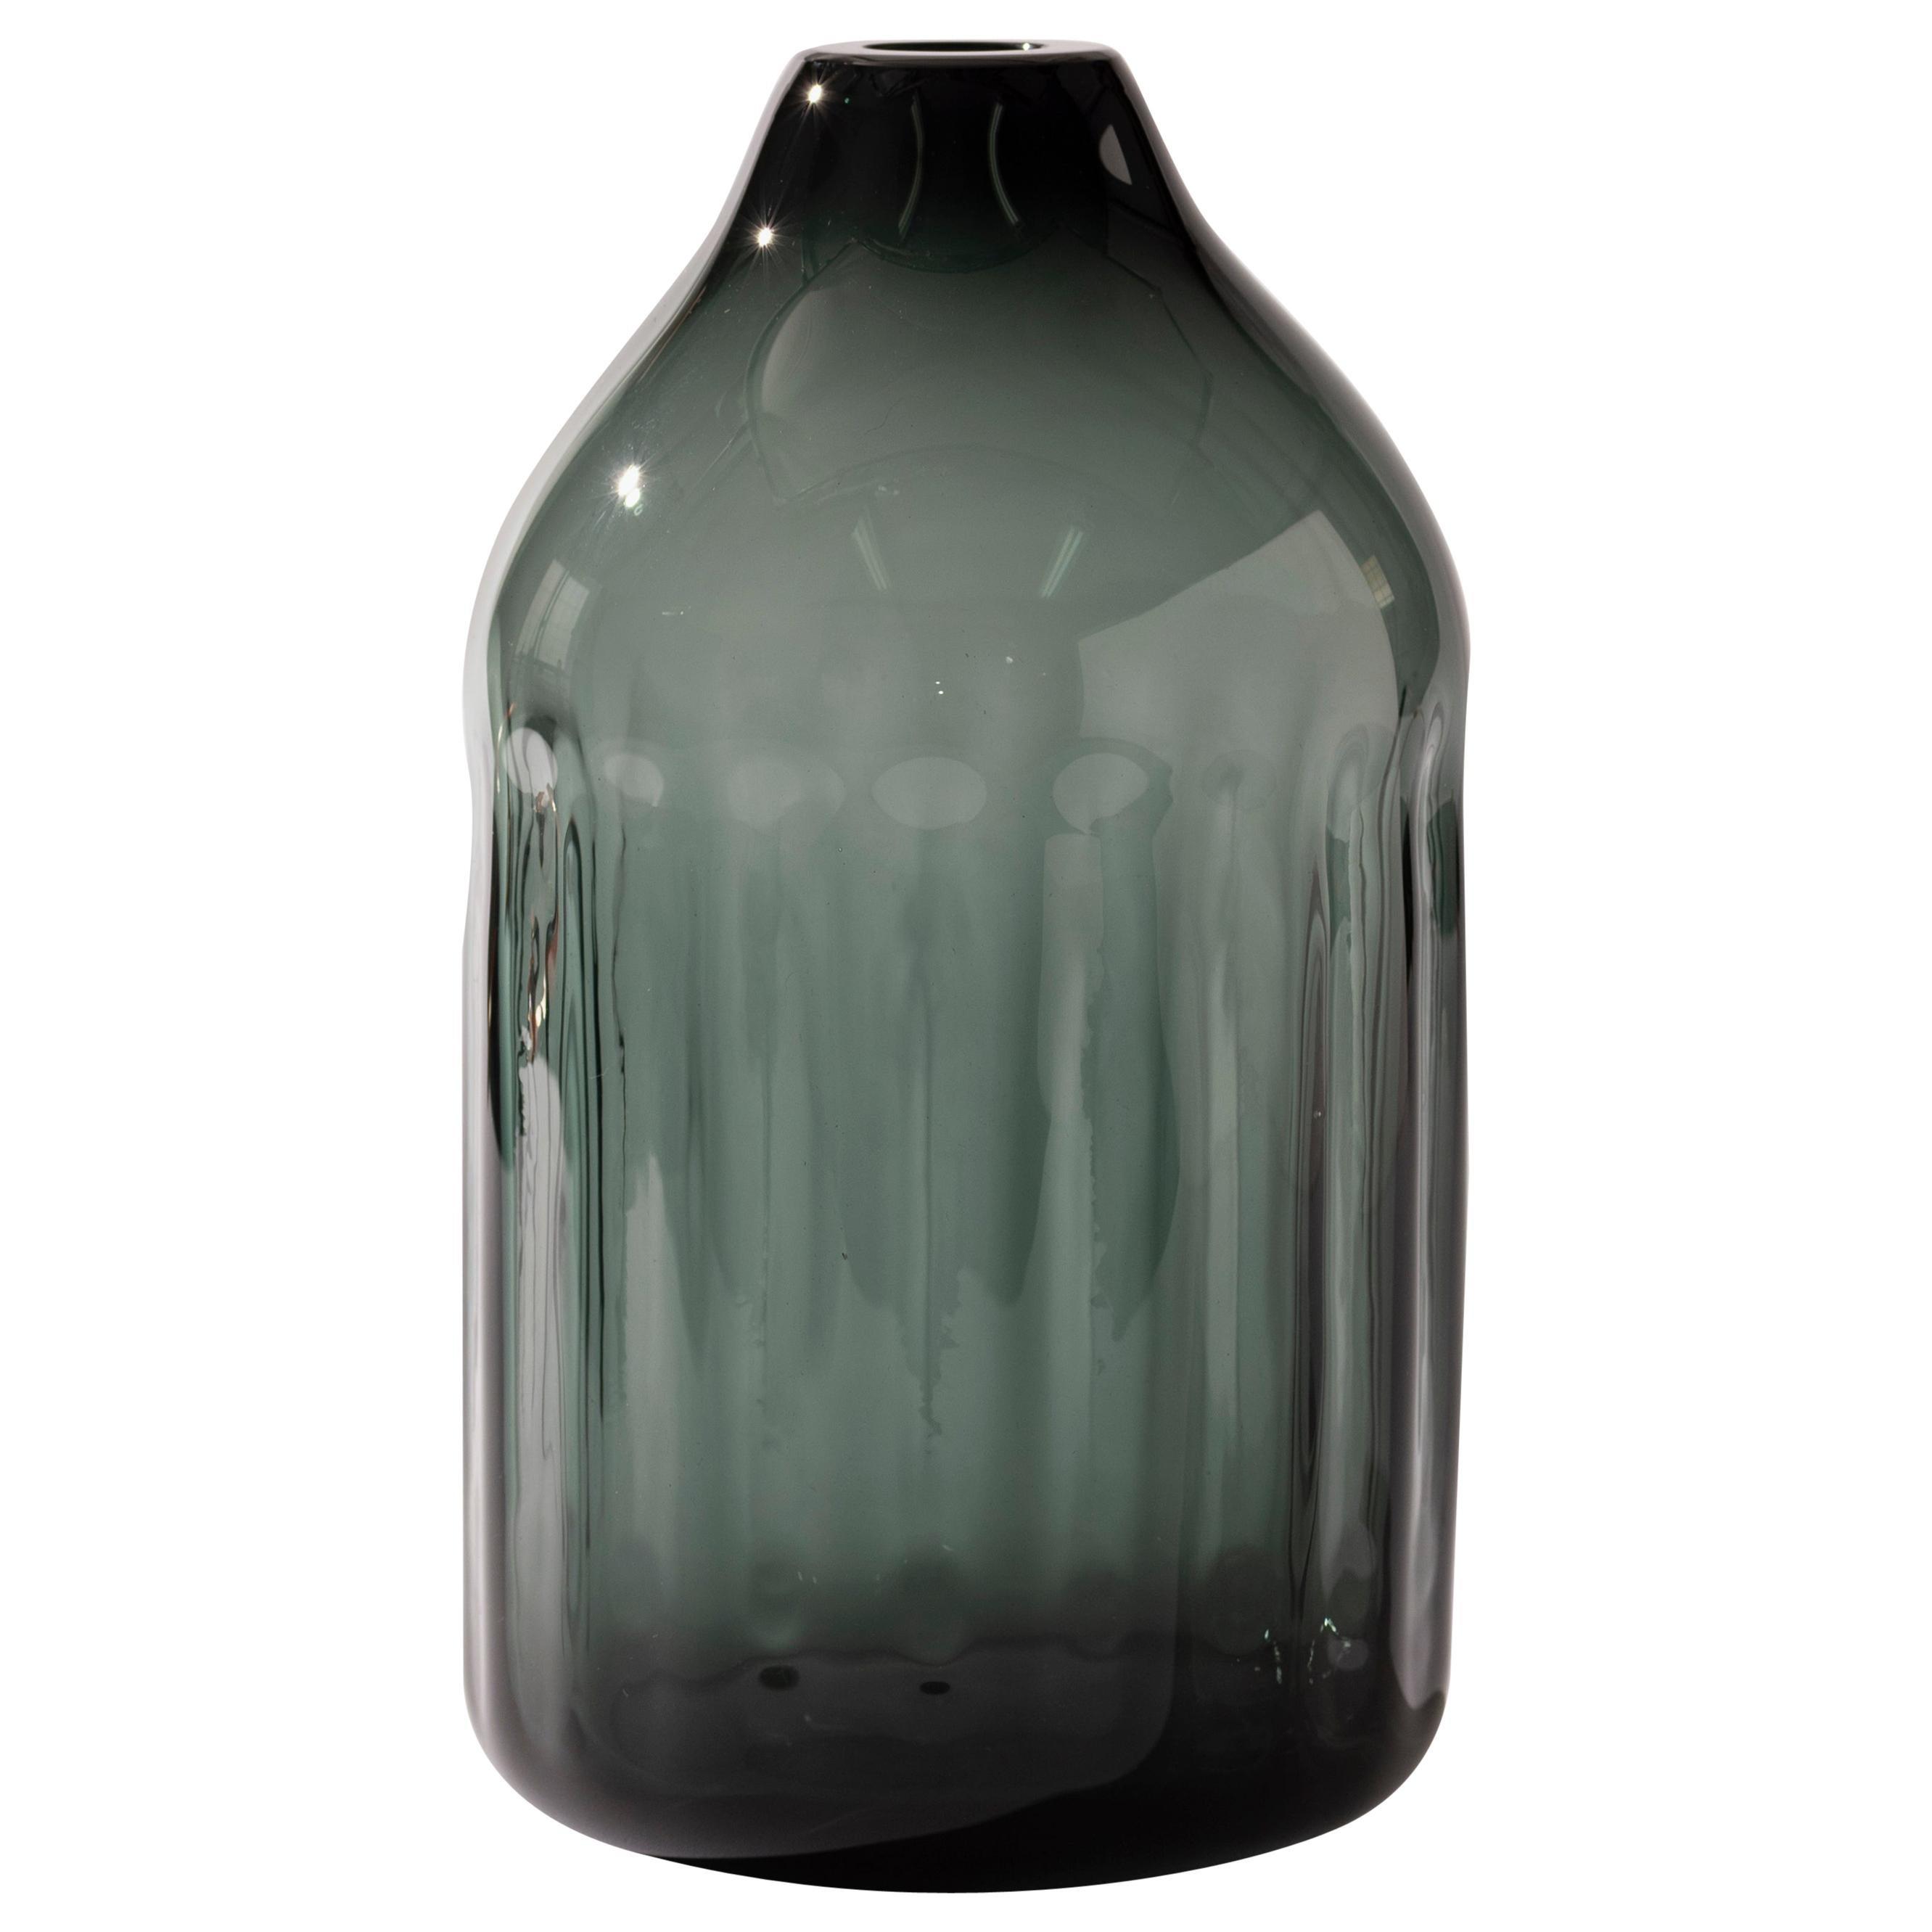 Silice Vase, Blown Glass, Unique 14